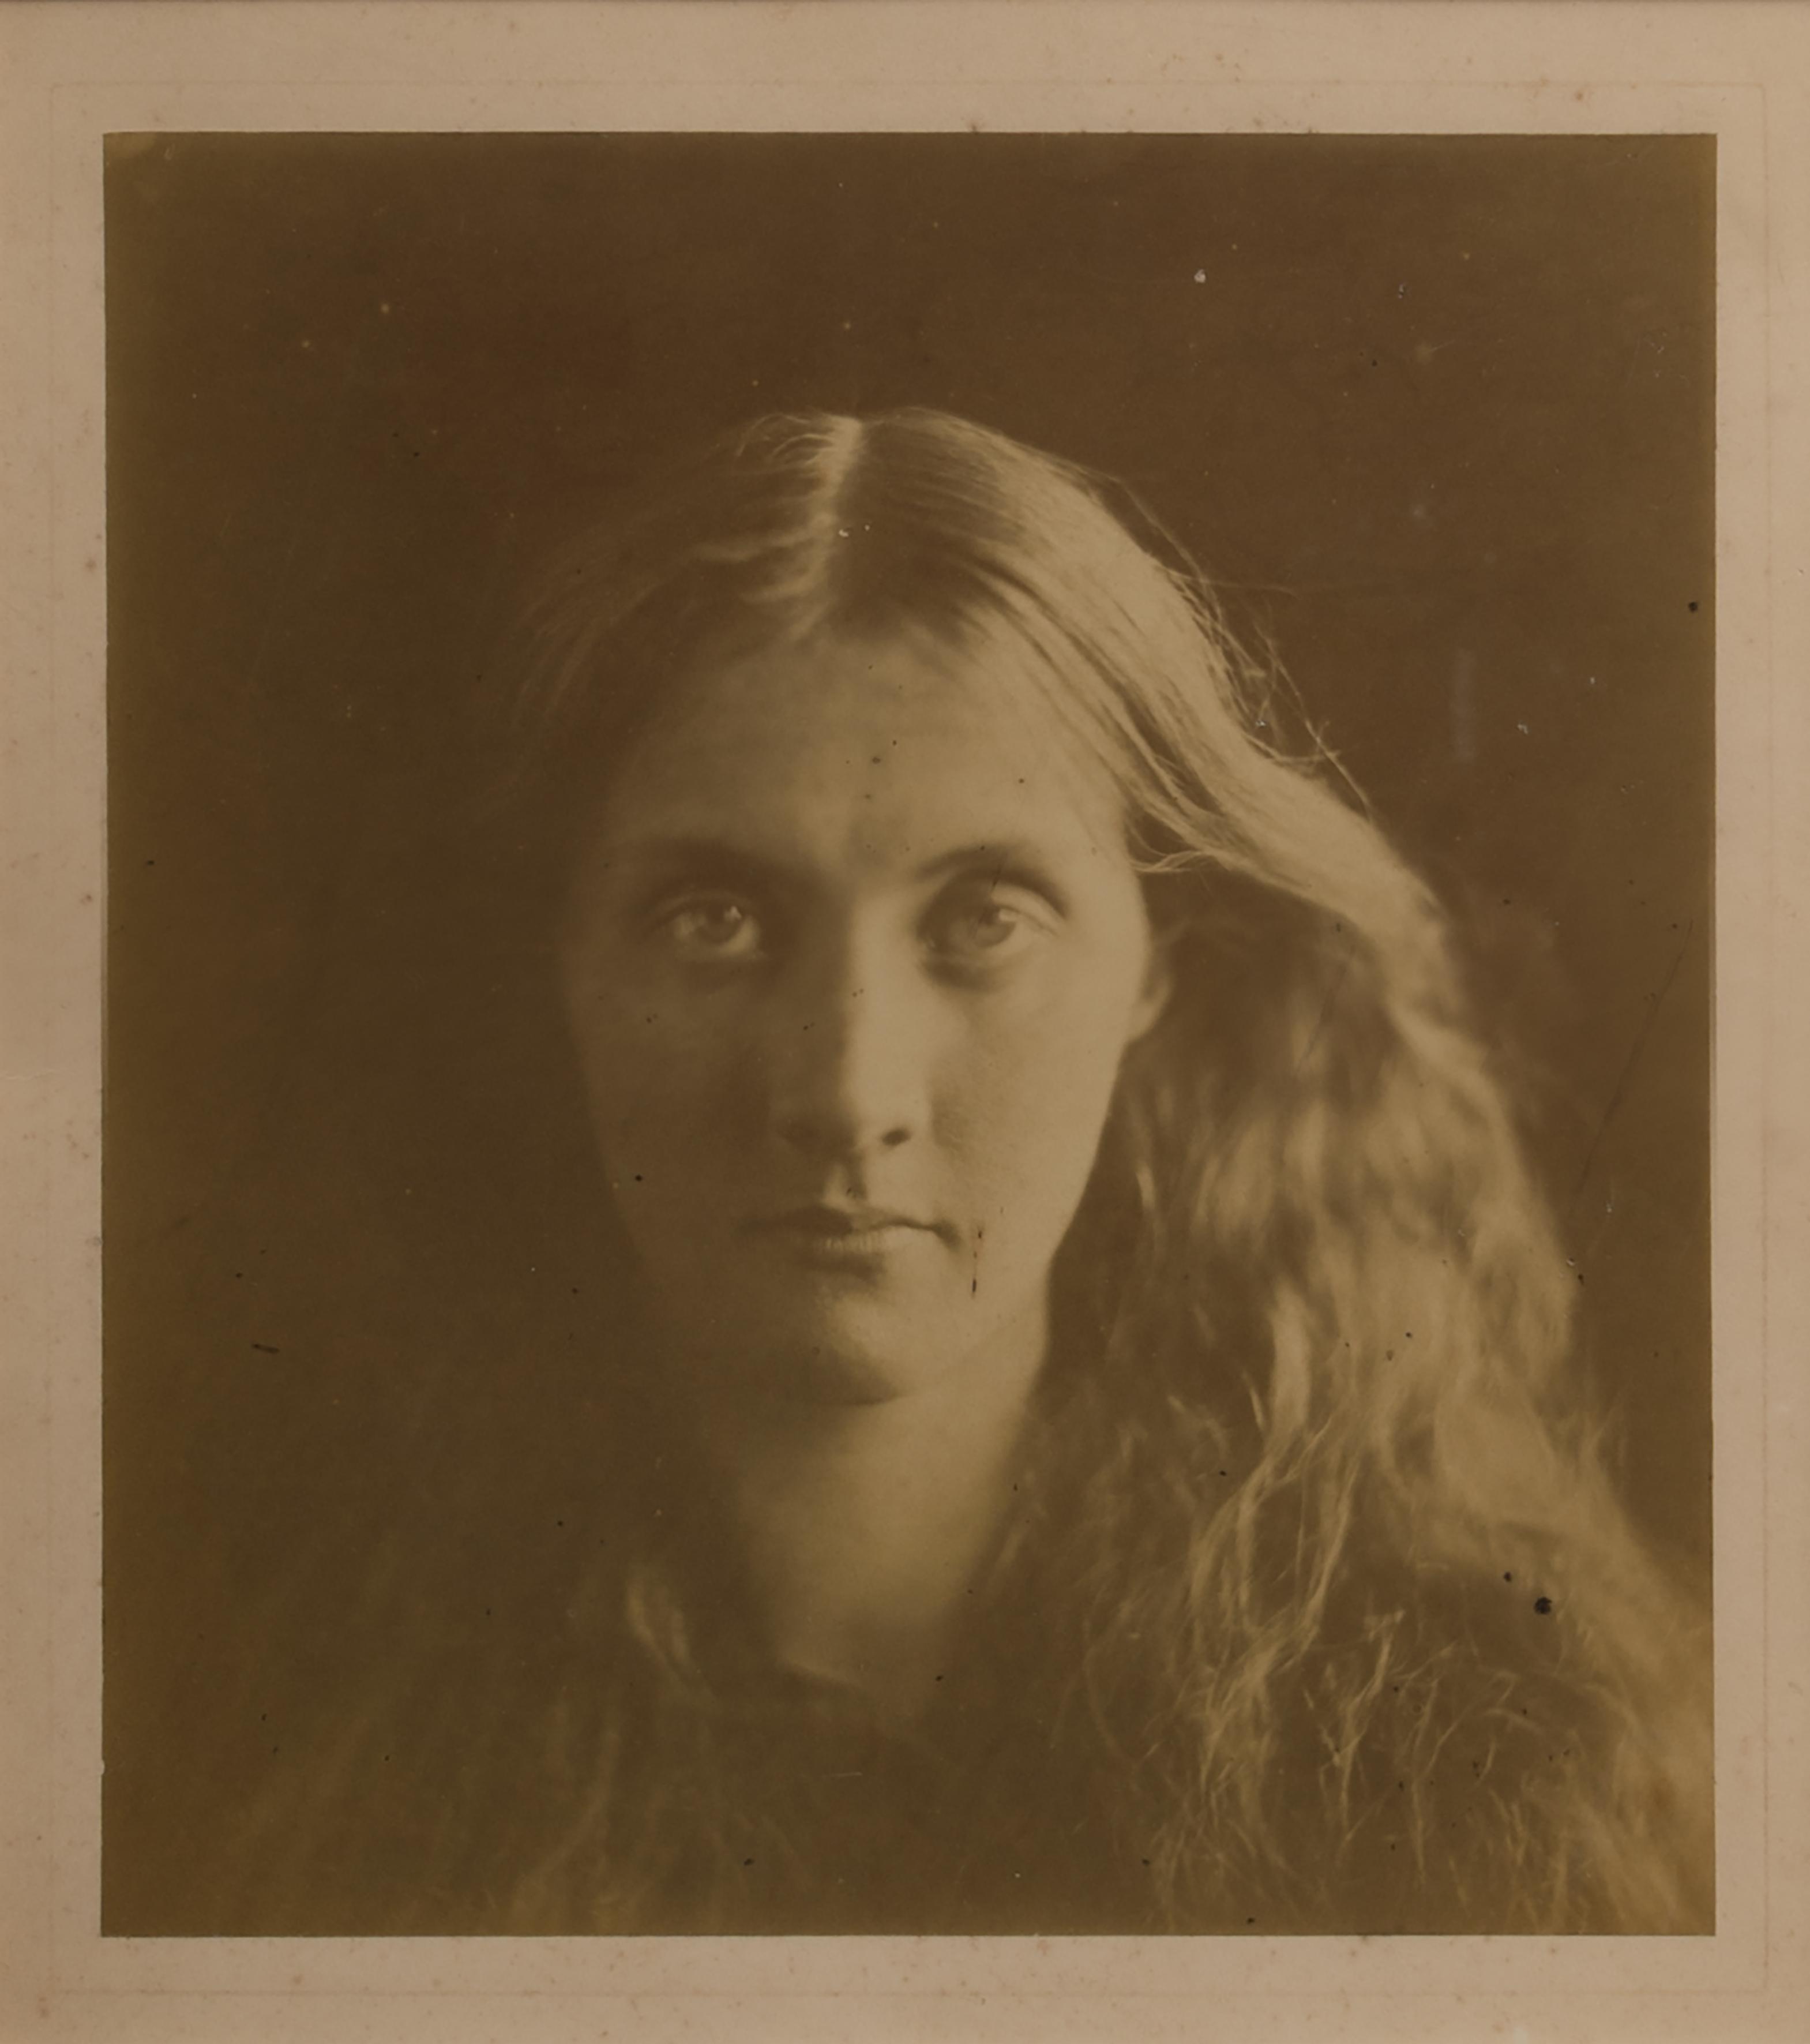 Julia Margaret Cameron, Julia Jackson, 1867 c., Courtesy Galleria Massimo Minini, Brescia